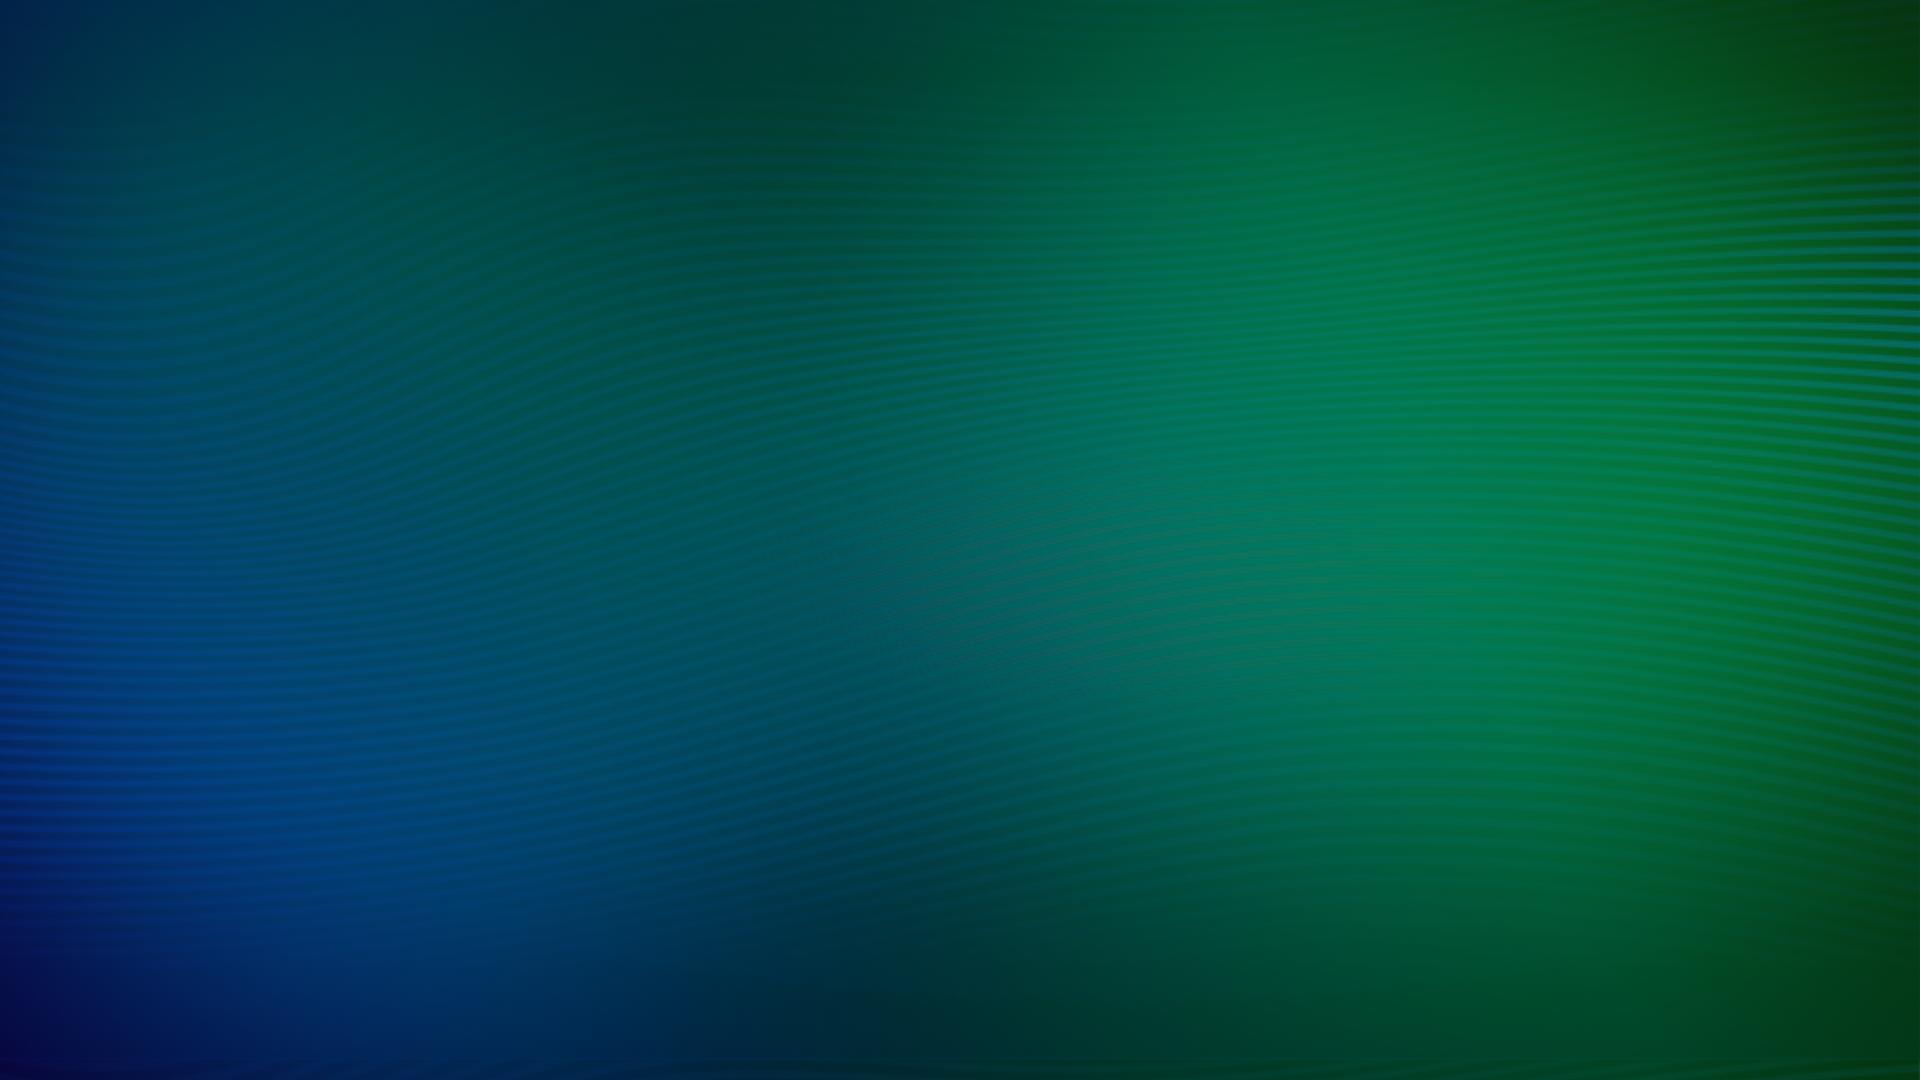 MicrosoftTeams-image (118)